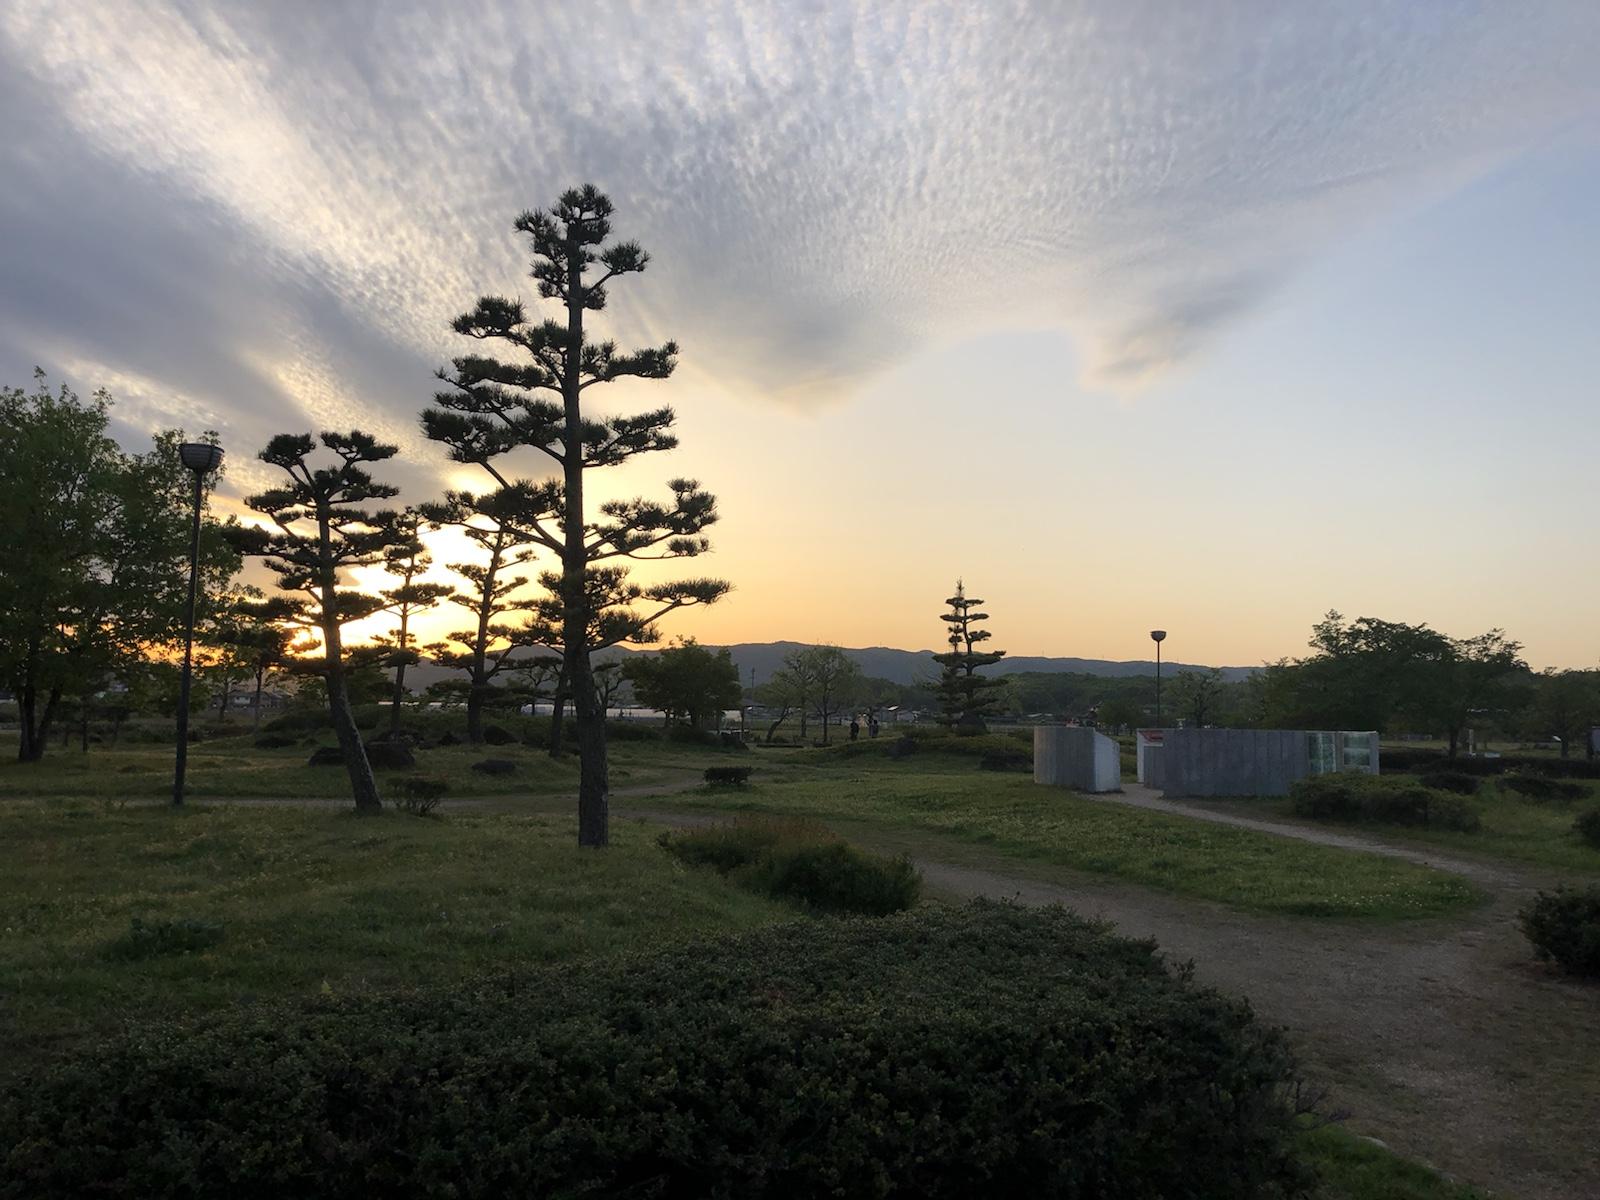 城ぶら!秀吉・官兵衛の天下の奇策「高松城水攻め」備中高松城